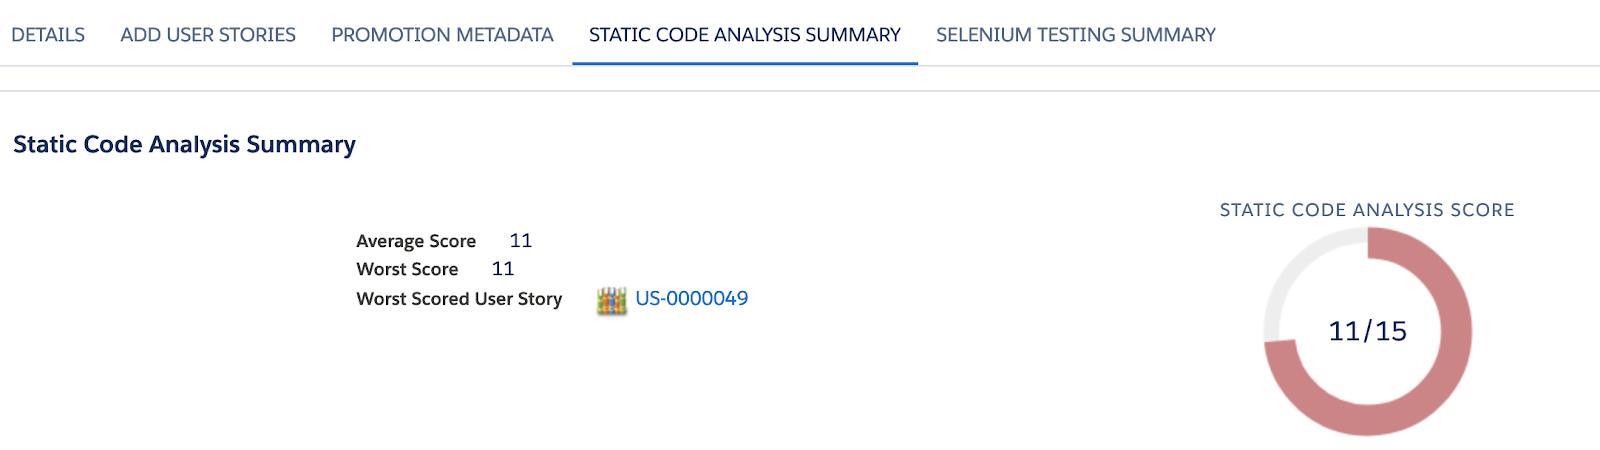 Static Code Analysis Summary